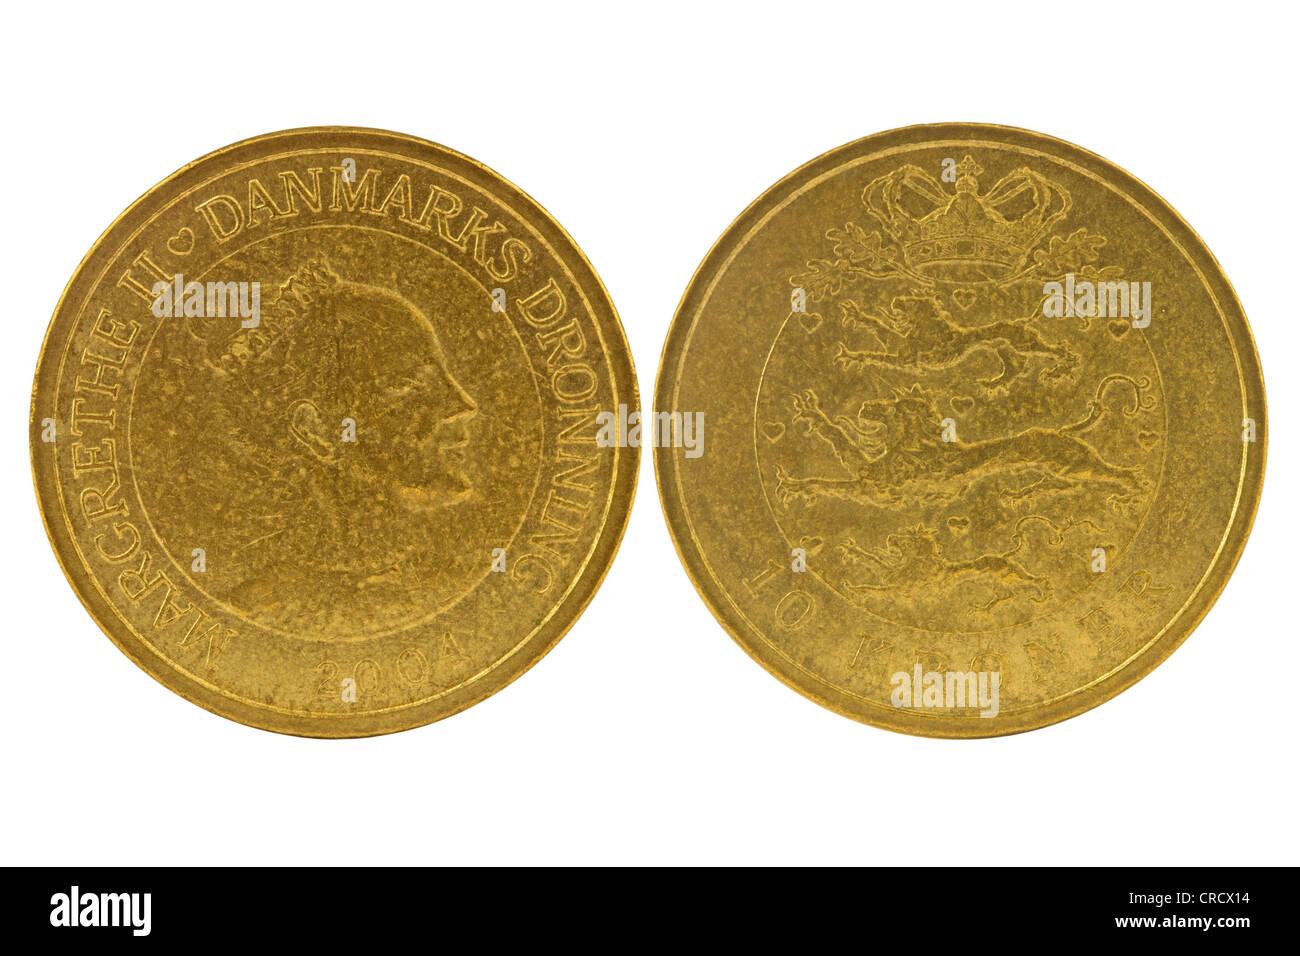 Anverso y reverso de 10 coronas danesas. Aislado sobre fondo blanco. Foto de stock